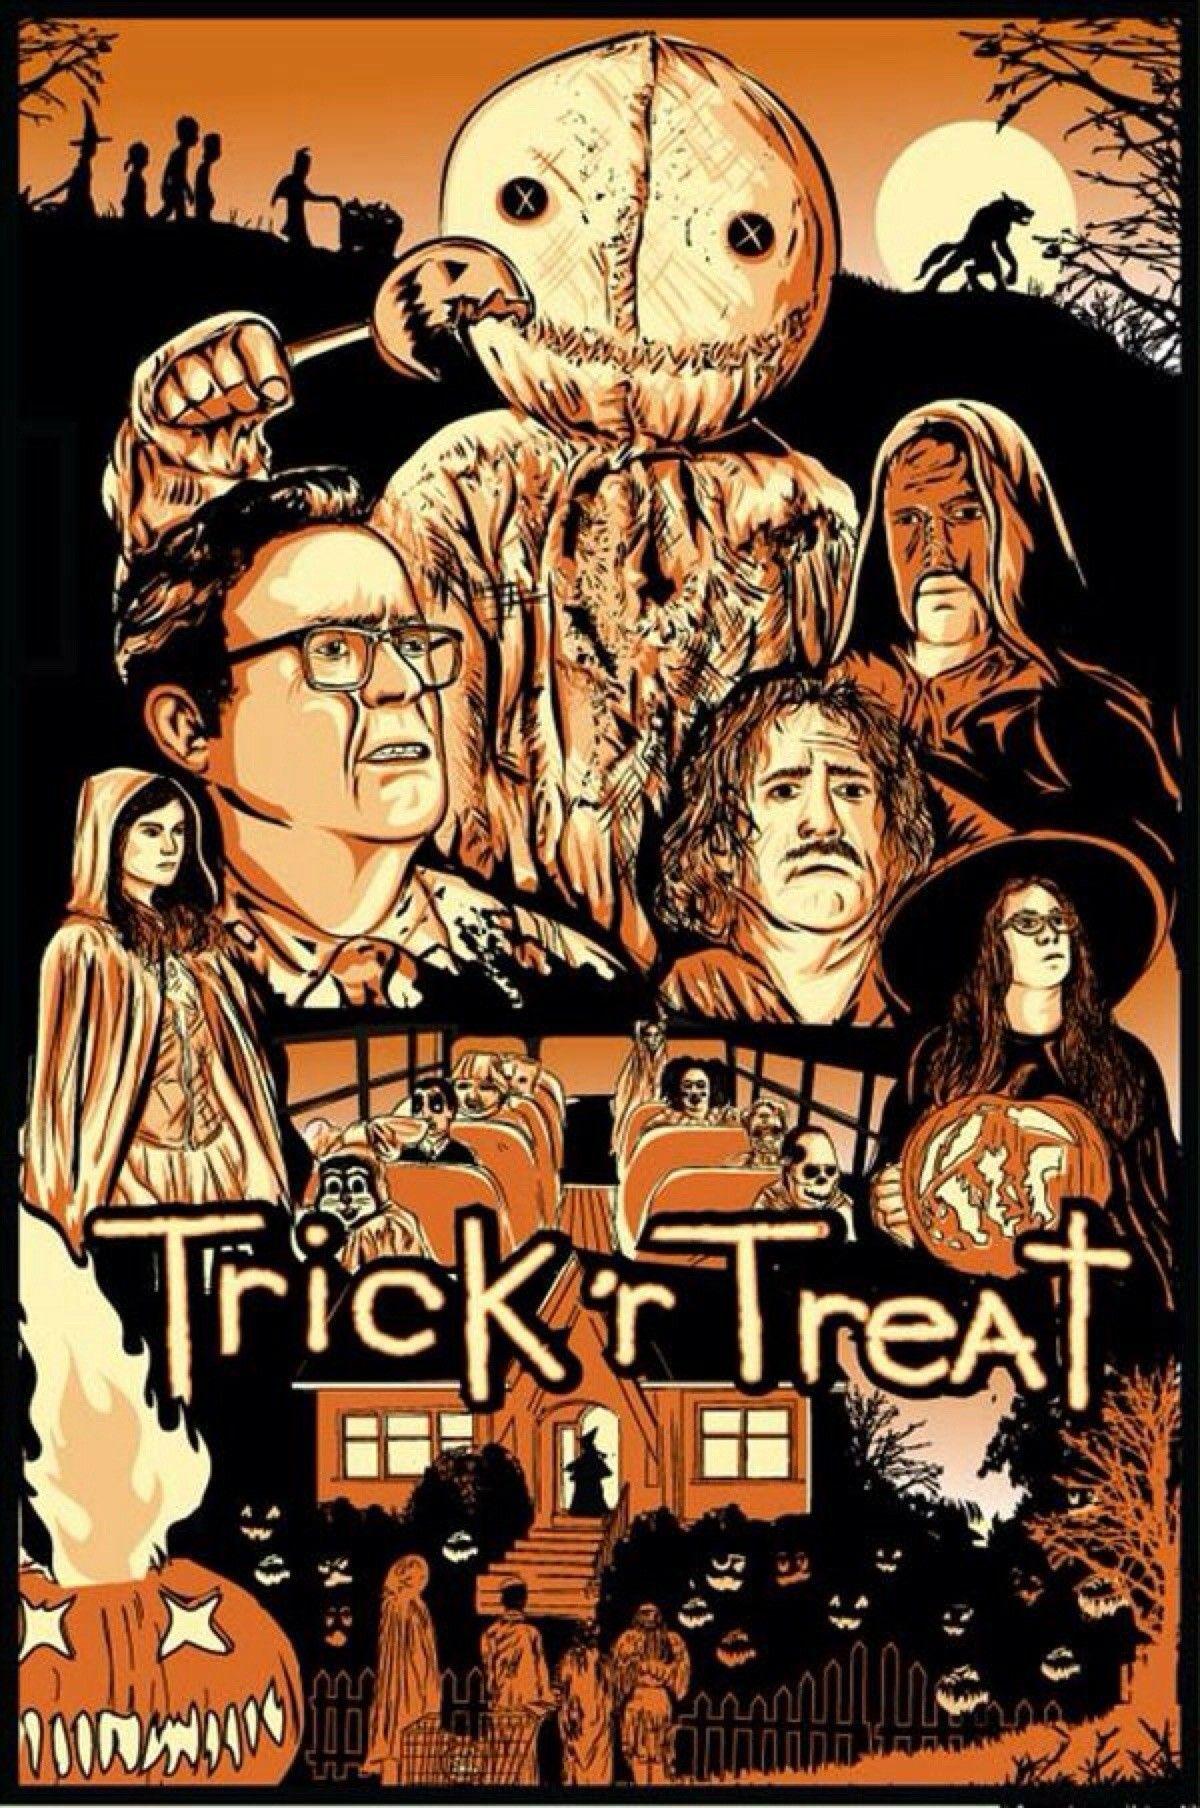 Trick R Treat 이미지 포함 영화